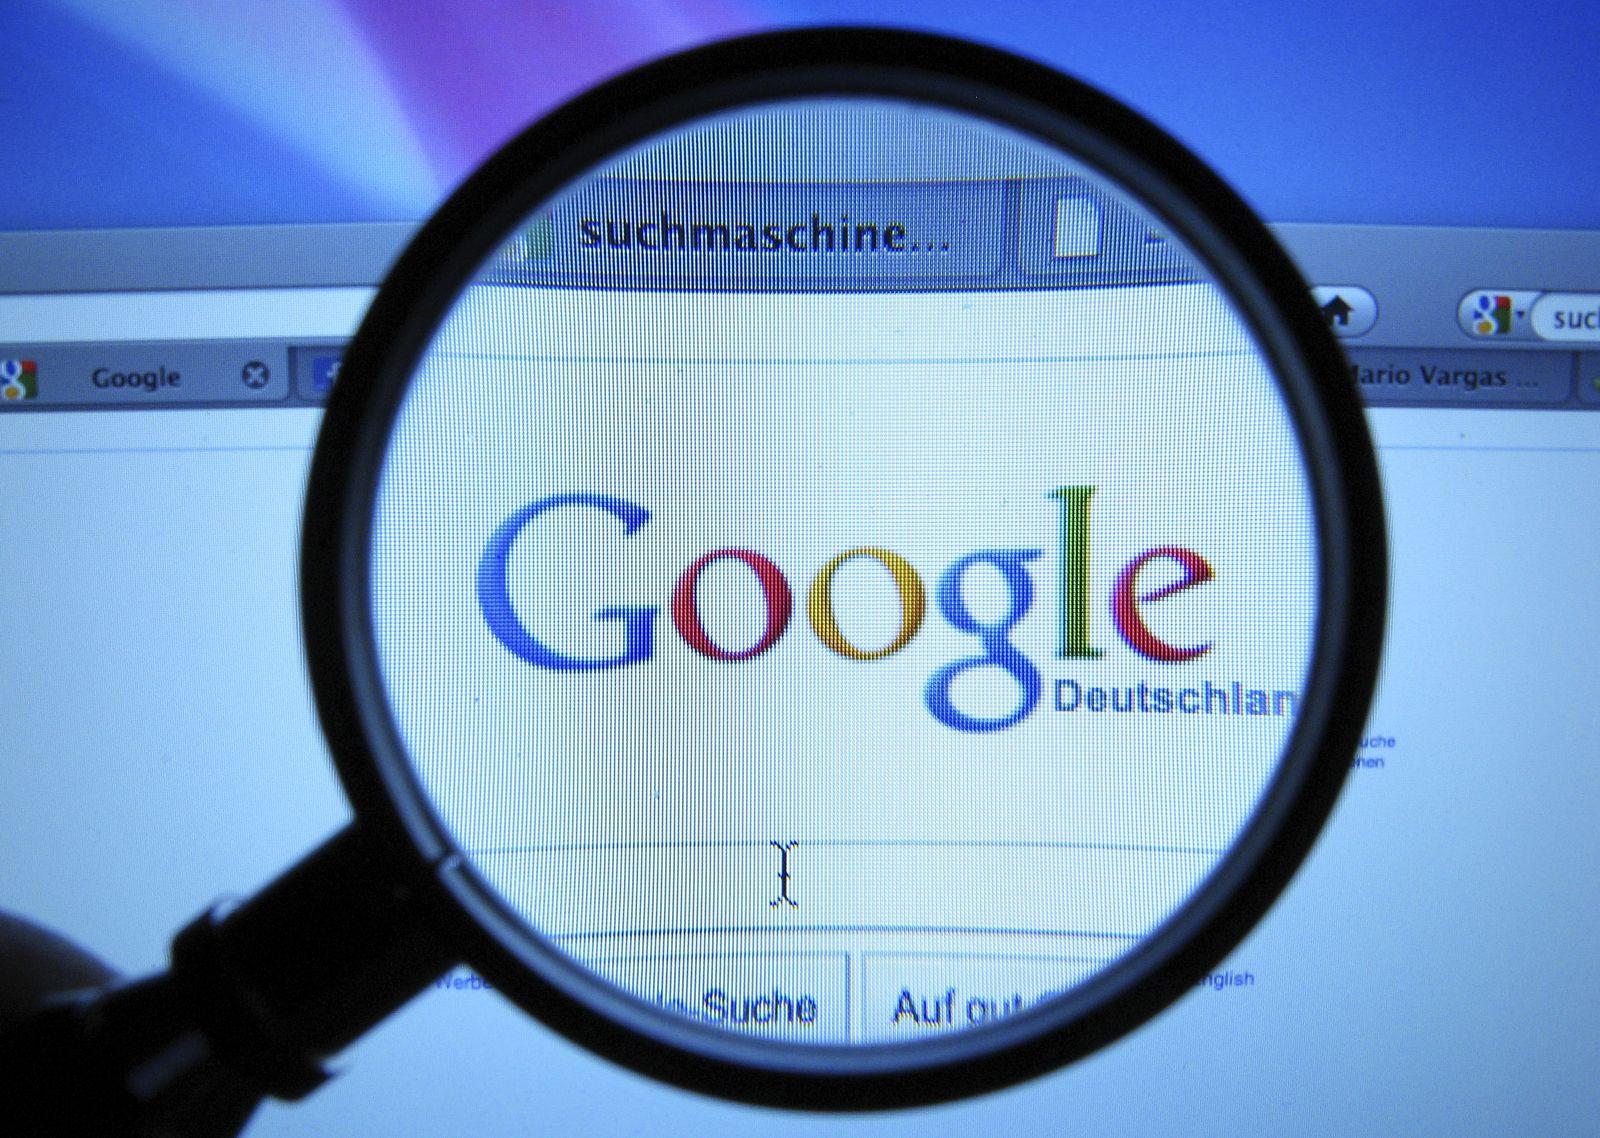 NICHT VERWENDEN Google / GESUNDHEIT